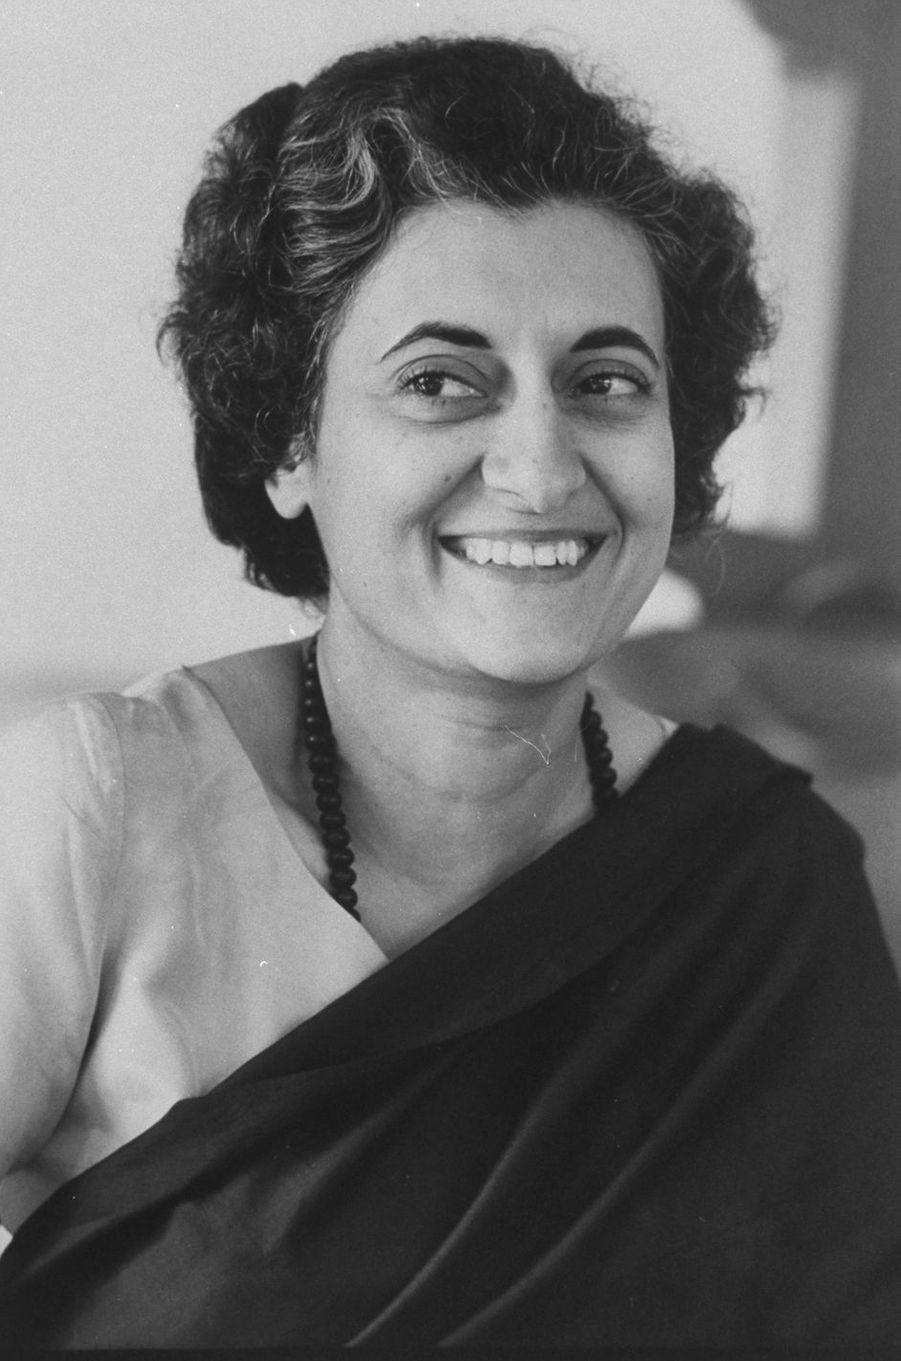 Indira Gandhi (1917-1984), deuxième femme au monde à avoir été élue démocratiquement à la tête d'un gouvernement, a donné de sa vie pour défendre son pays et ses idées.